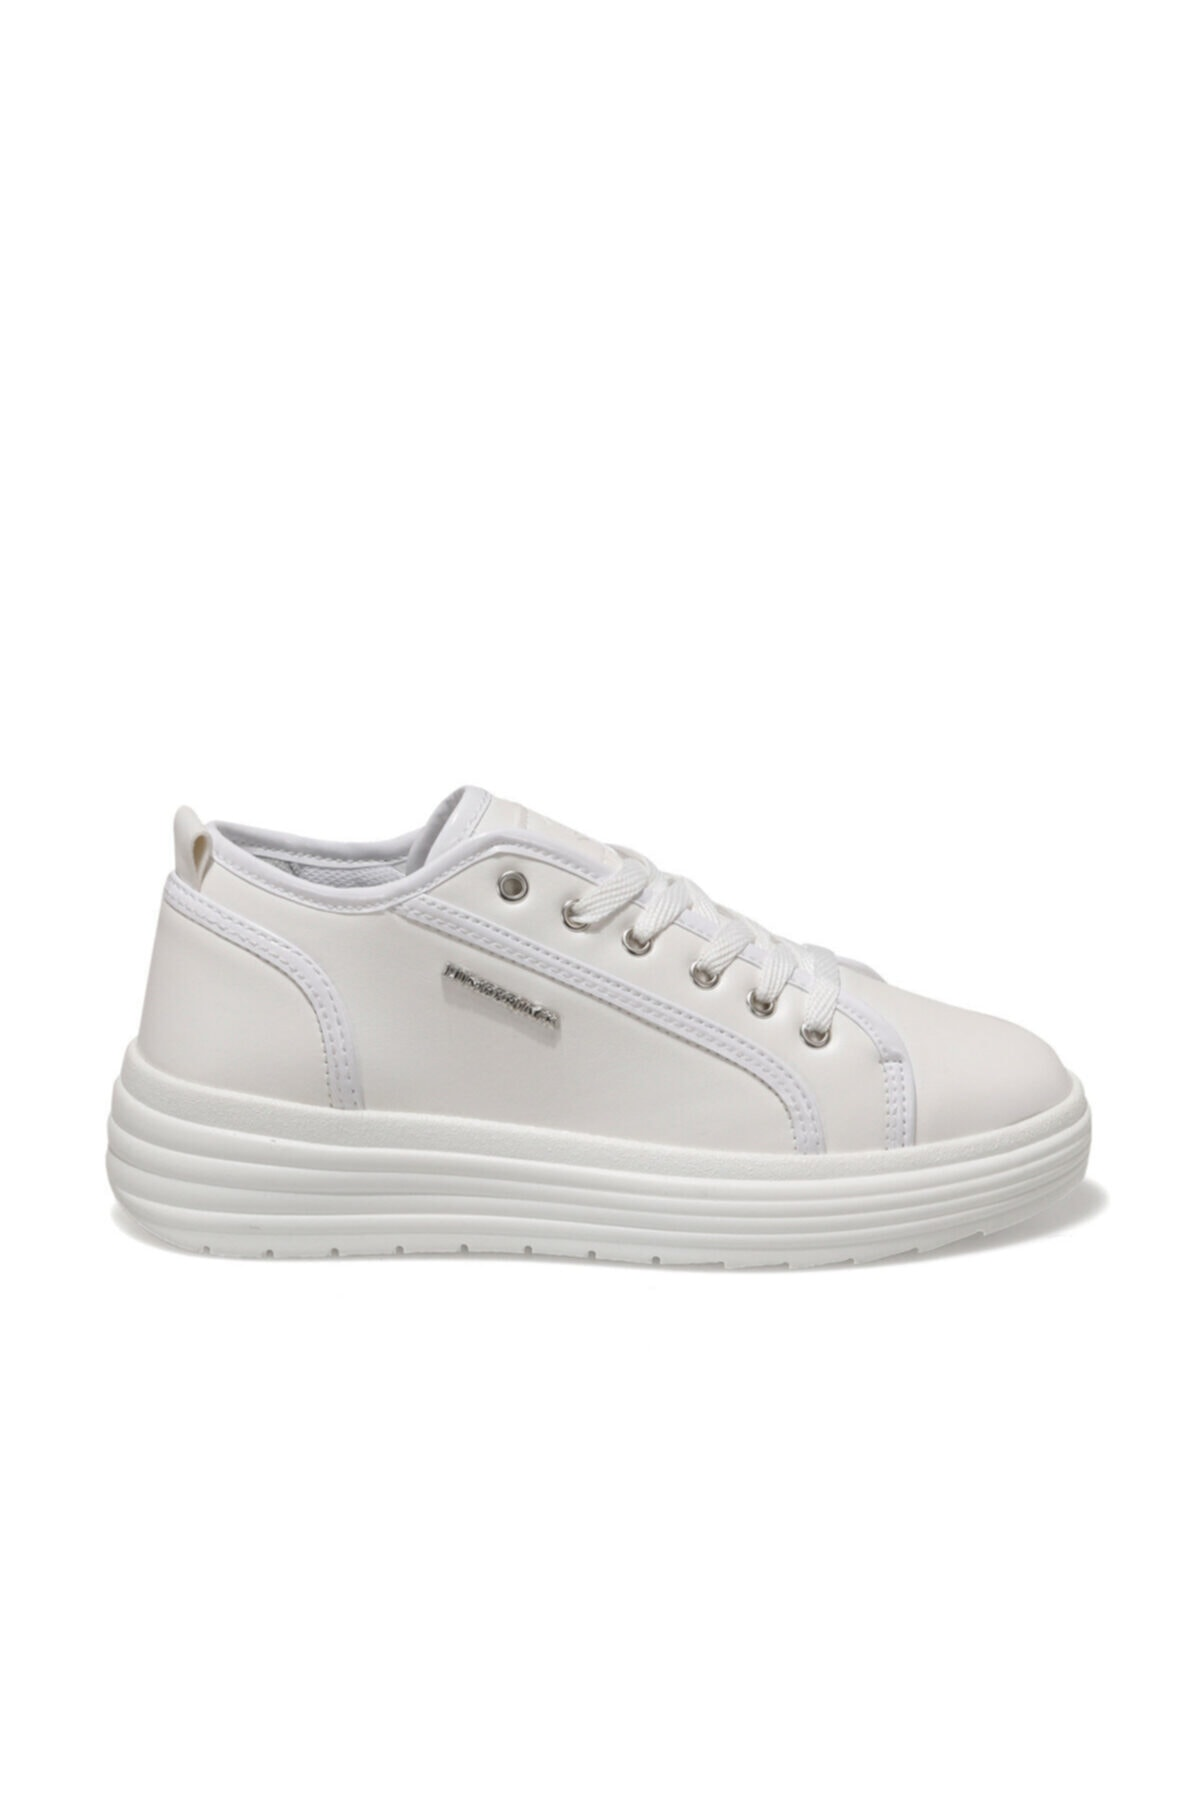 lumberjack BELLERO Beyaz Kadın Sneaker Ayakkabı 100556874 2